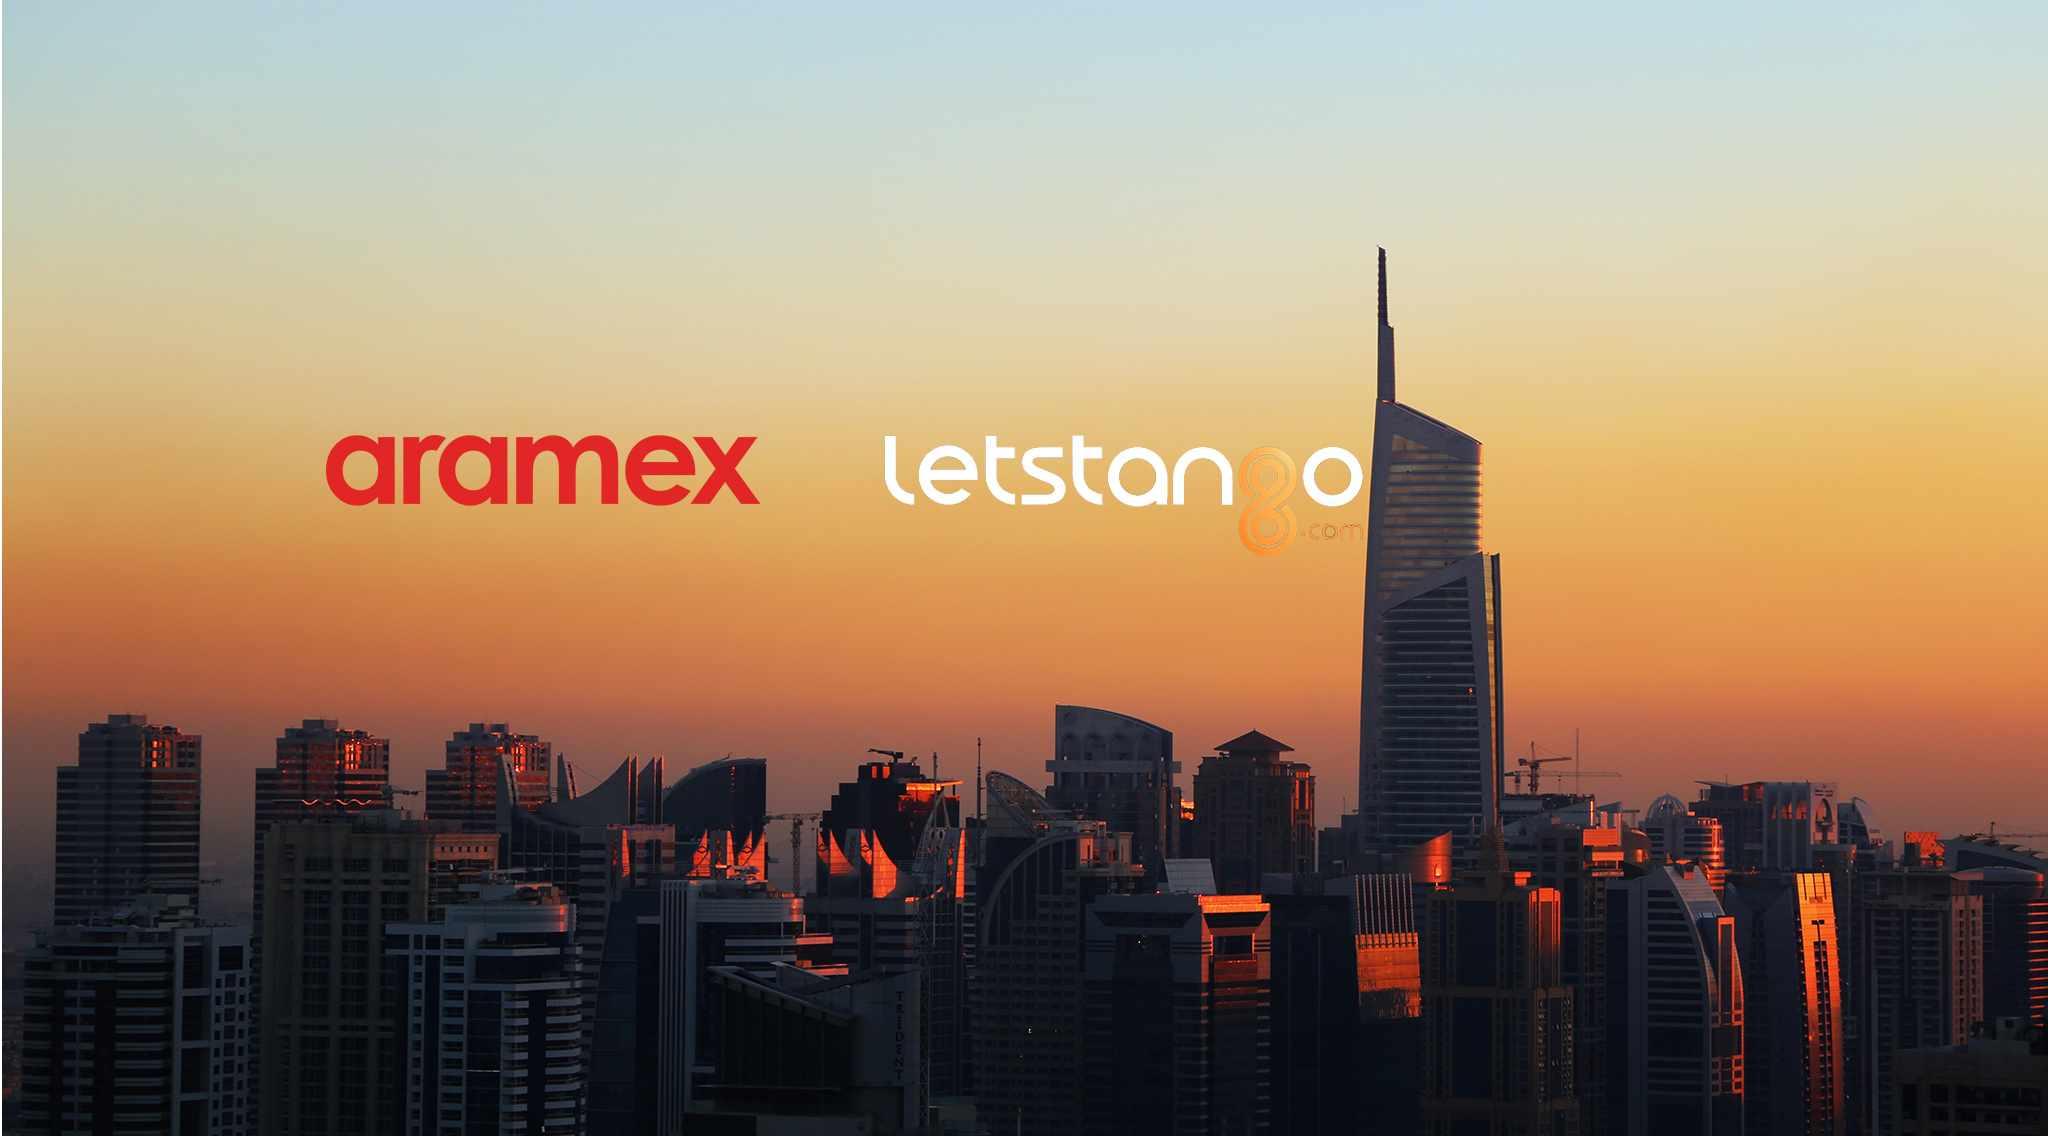 uae aramex thai commerce letstango